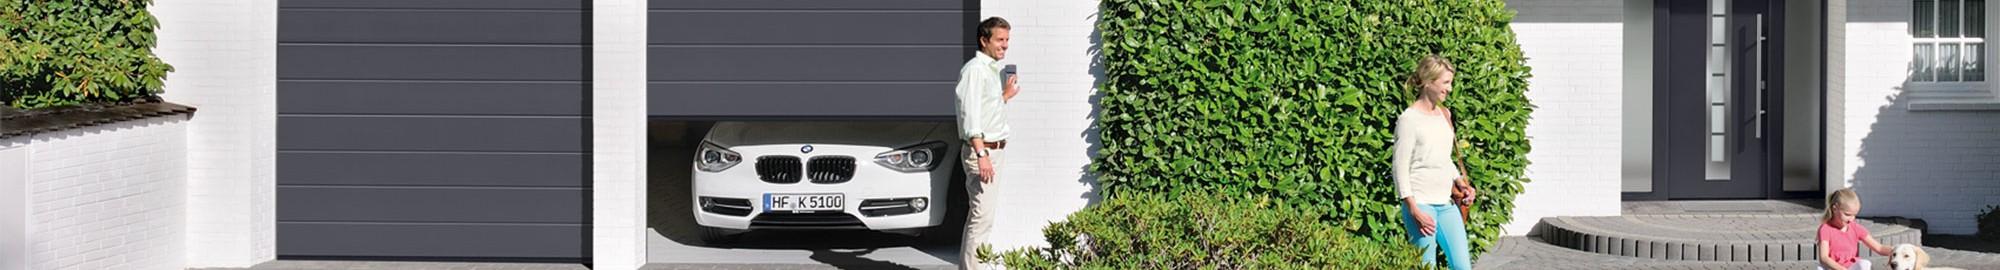 hormann-garagedeuren